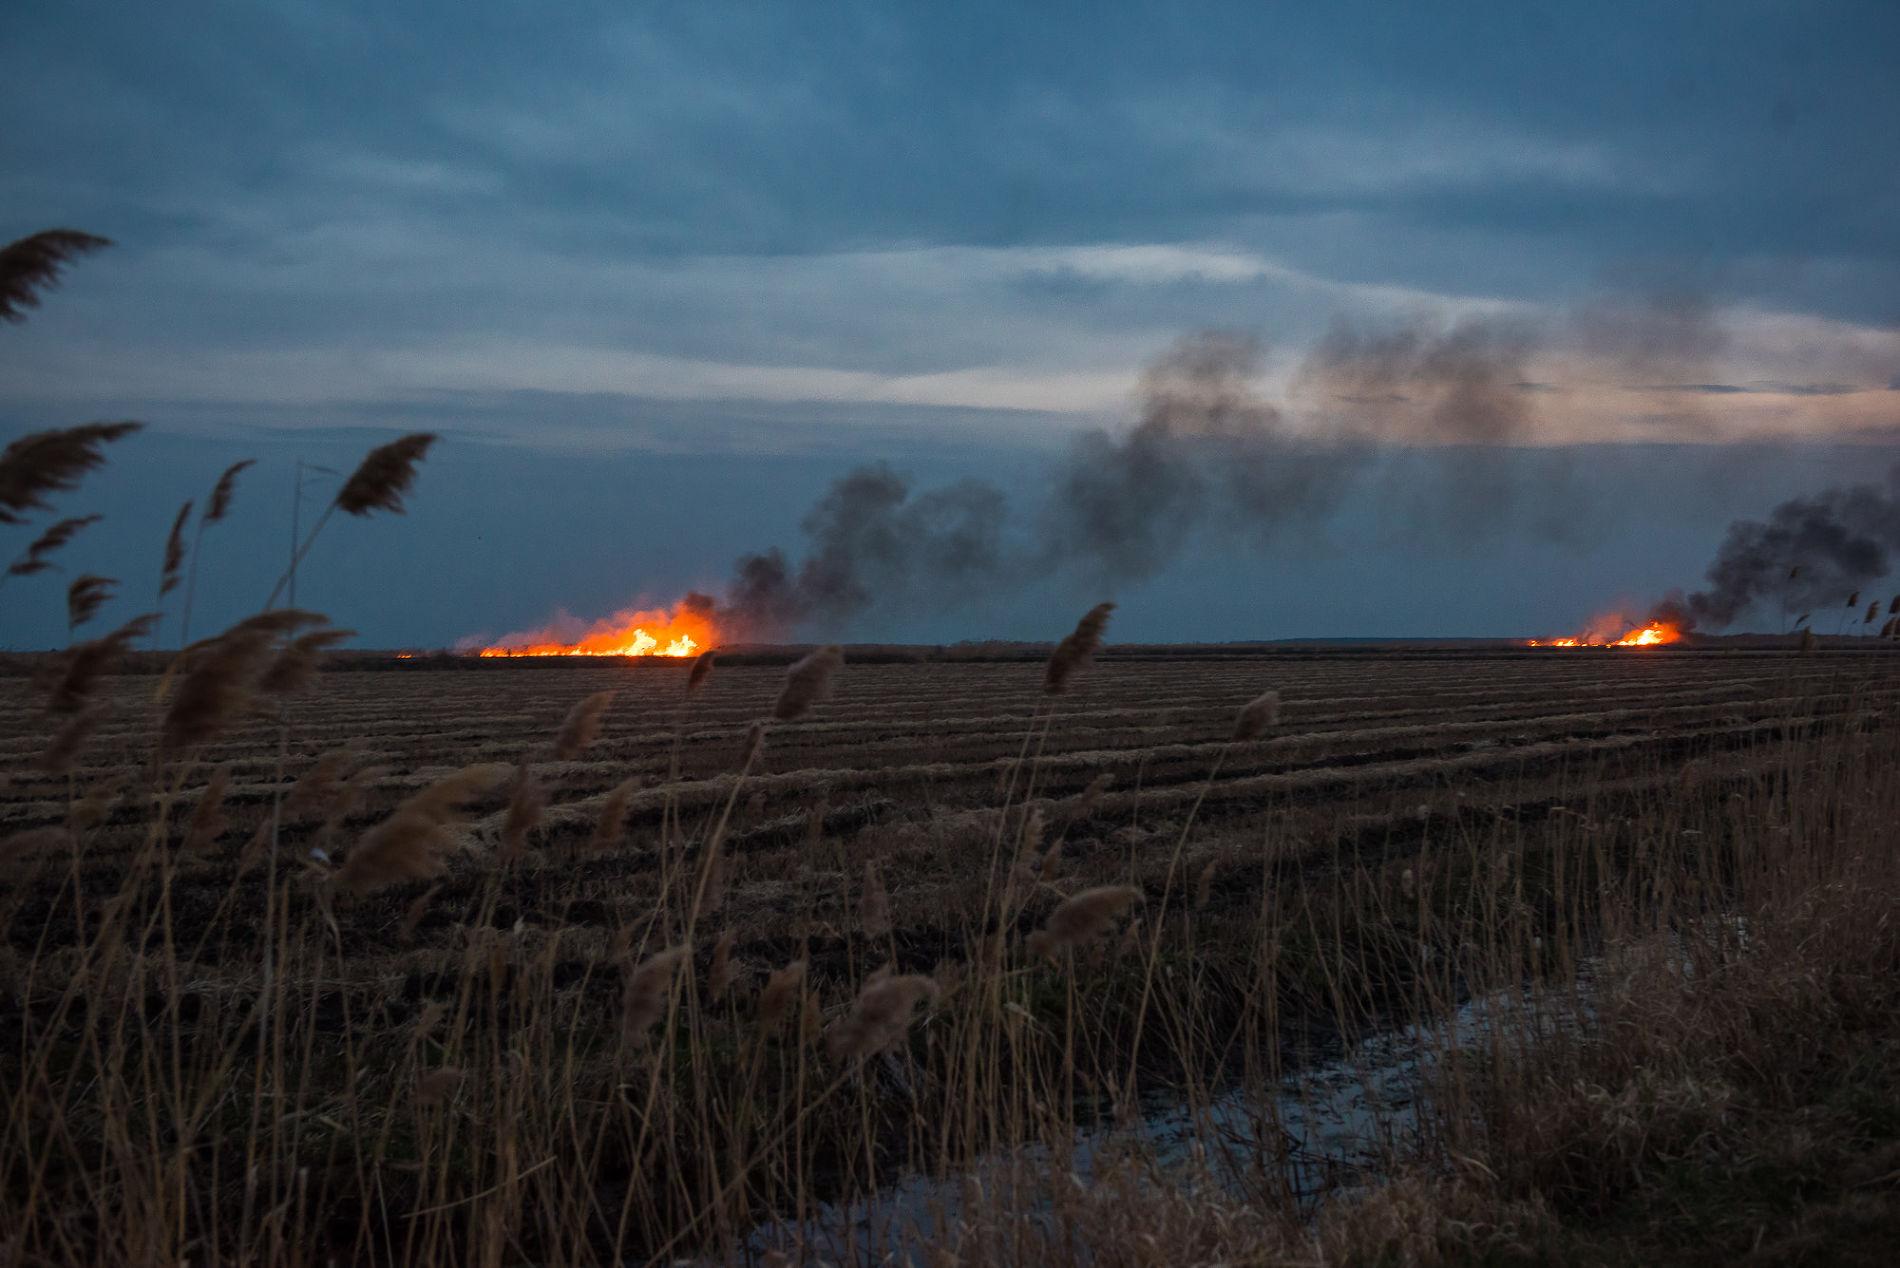 это горящее поле фото примеру